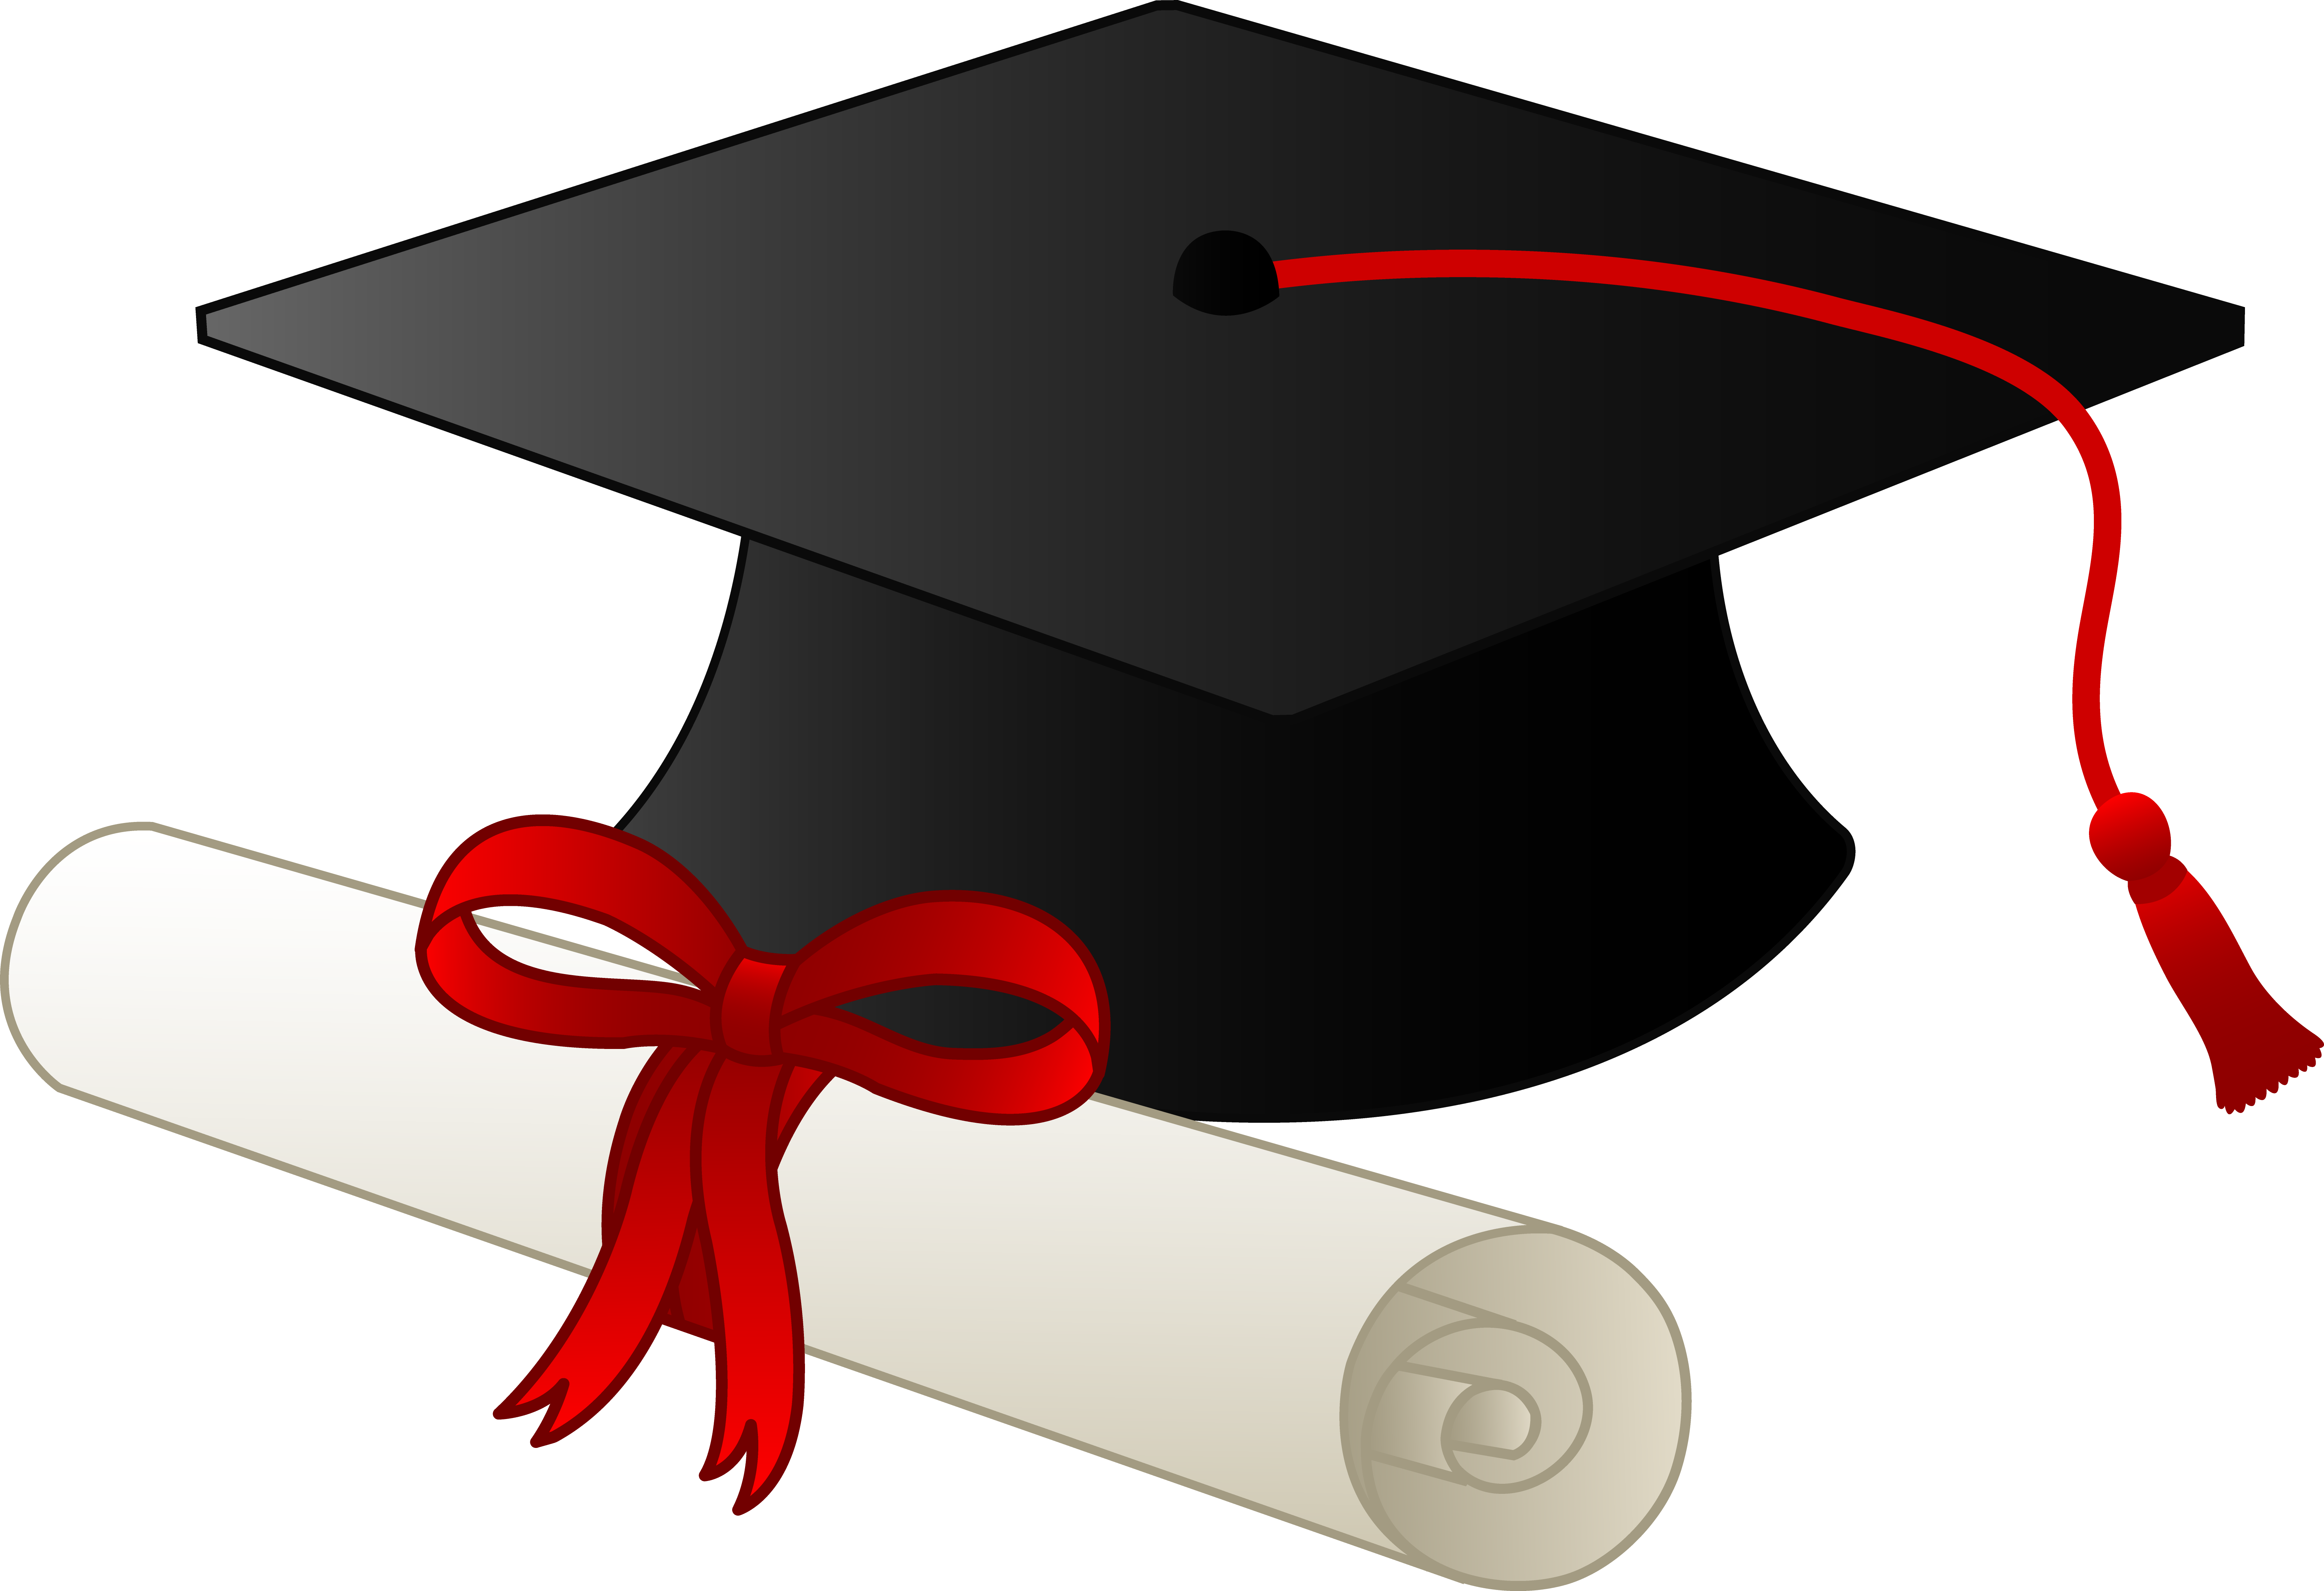 6675x4570 Congratulations Graduates!! Grandview Grizzlies